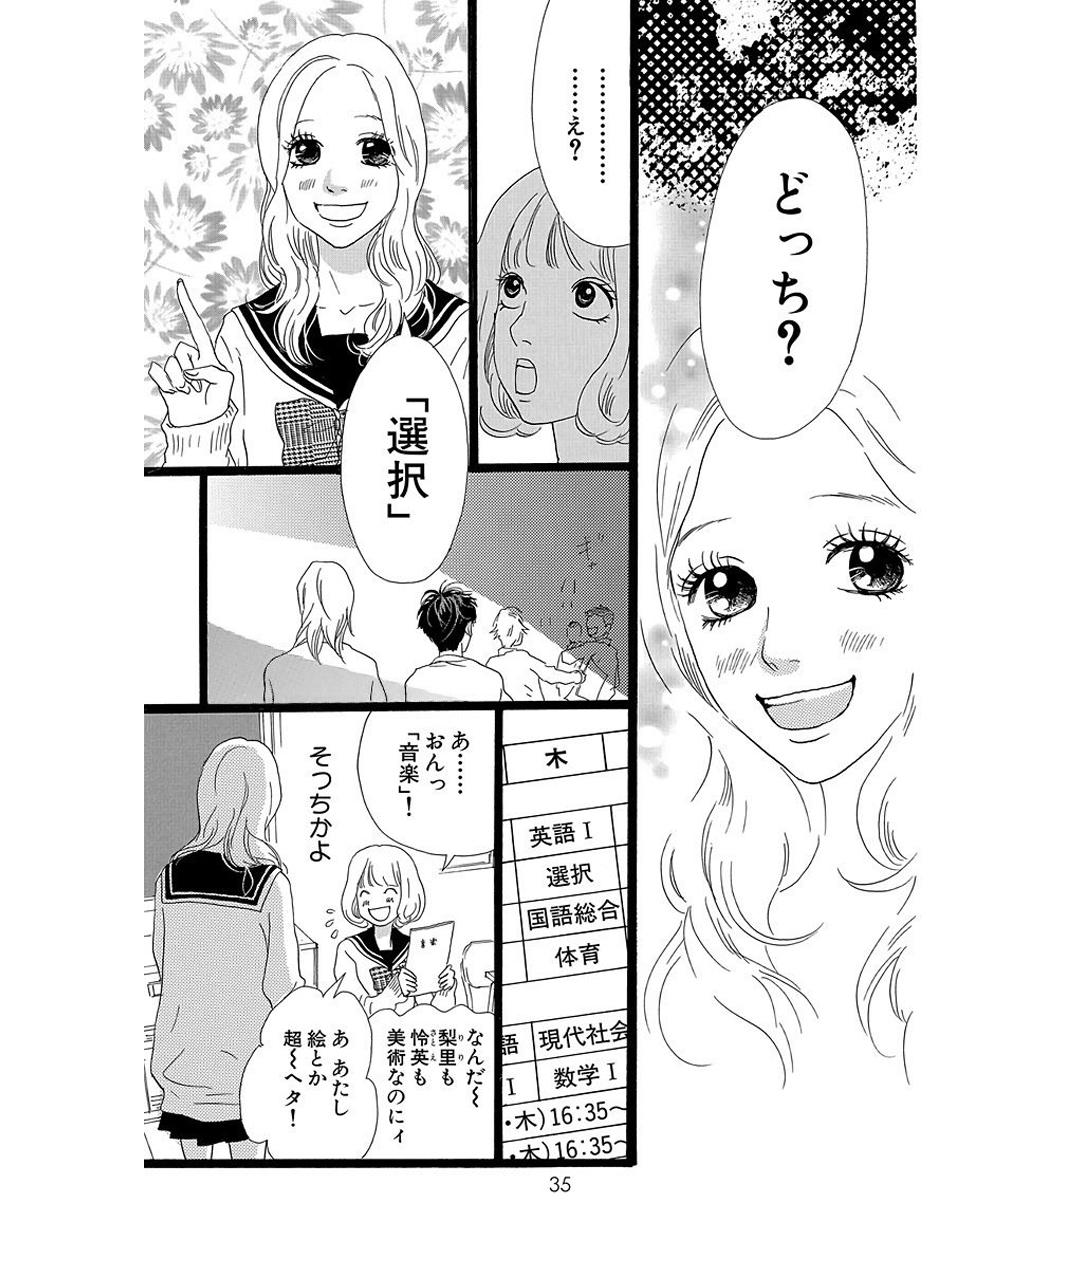 プリンシパル 第1話 試し読み_1_1-35